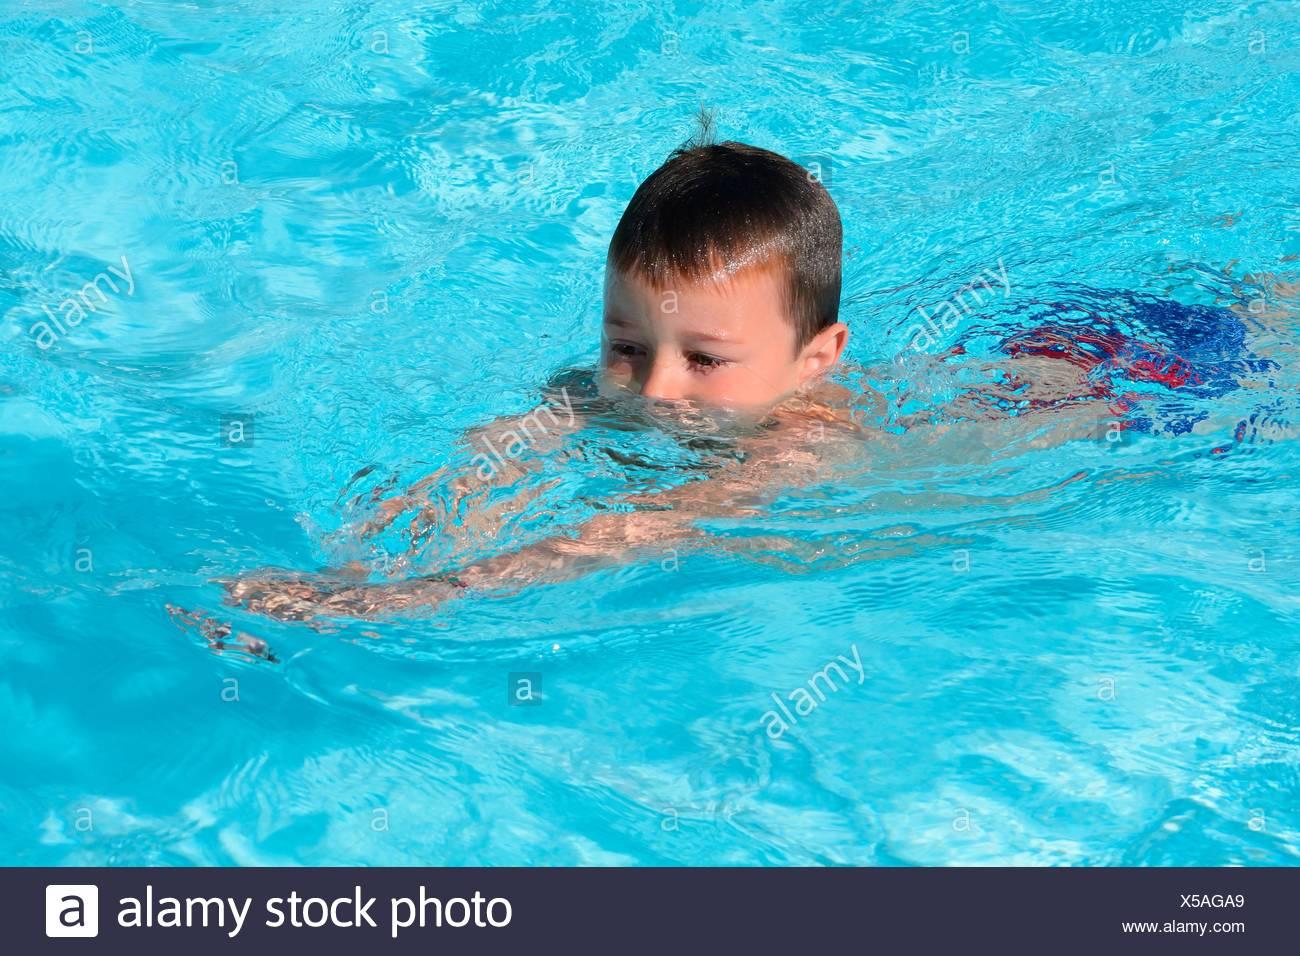 Chico, de siete años de edad, en una escuela de natación en la piscina, Ystad, Suecia Imagen De Stock